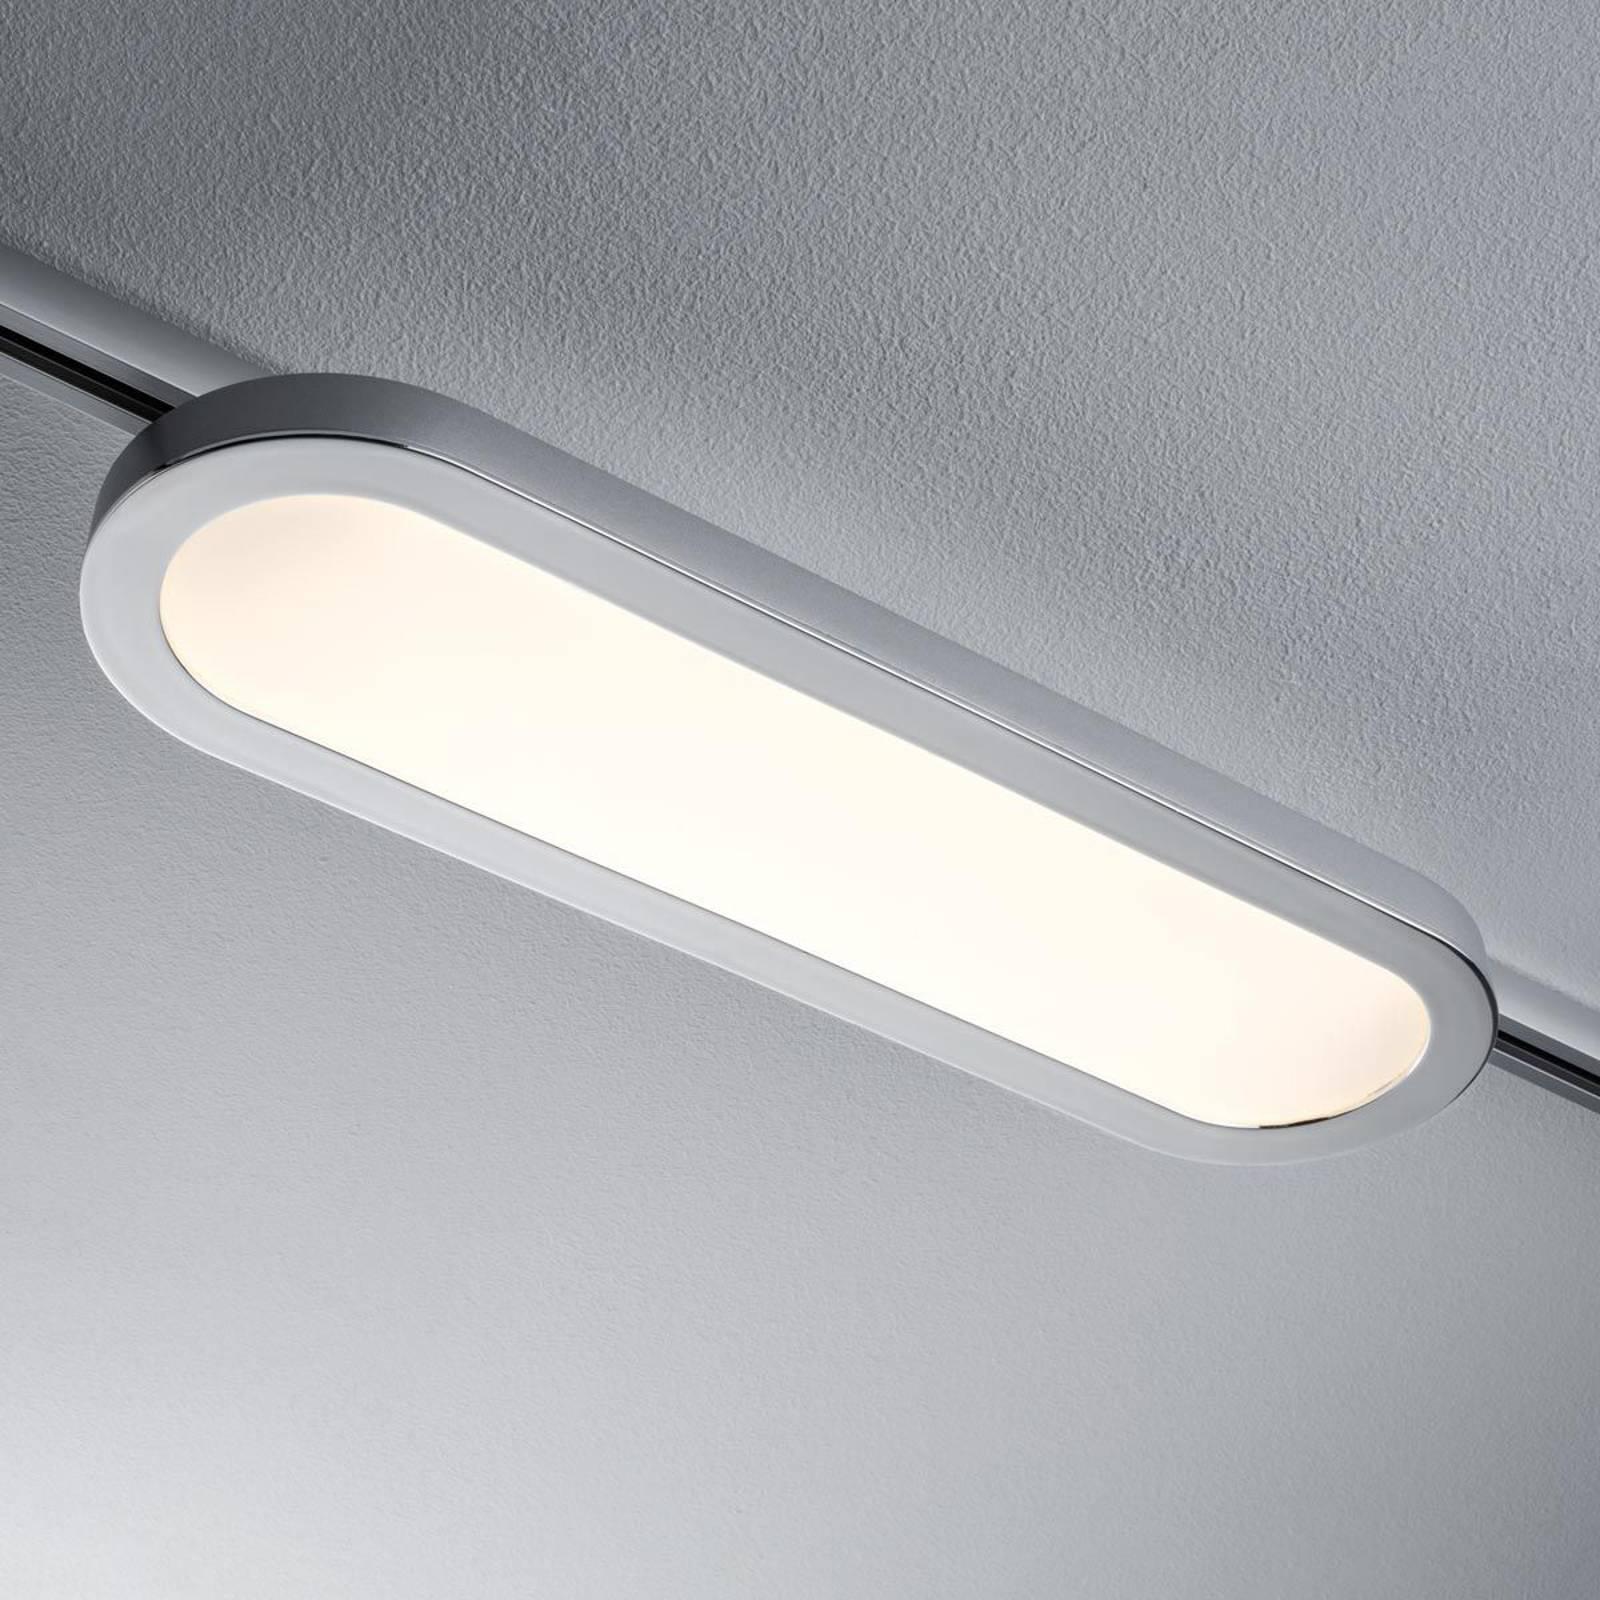 Paulmann Urail Board pannello LED cromo opaco